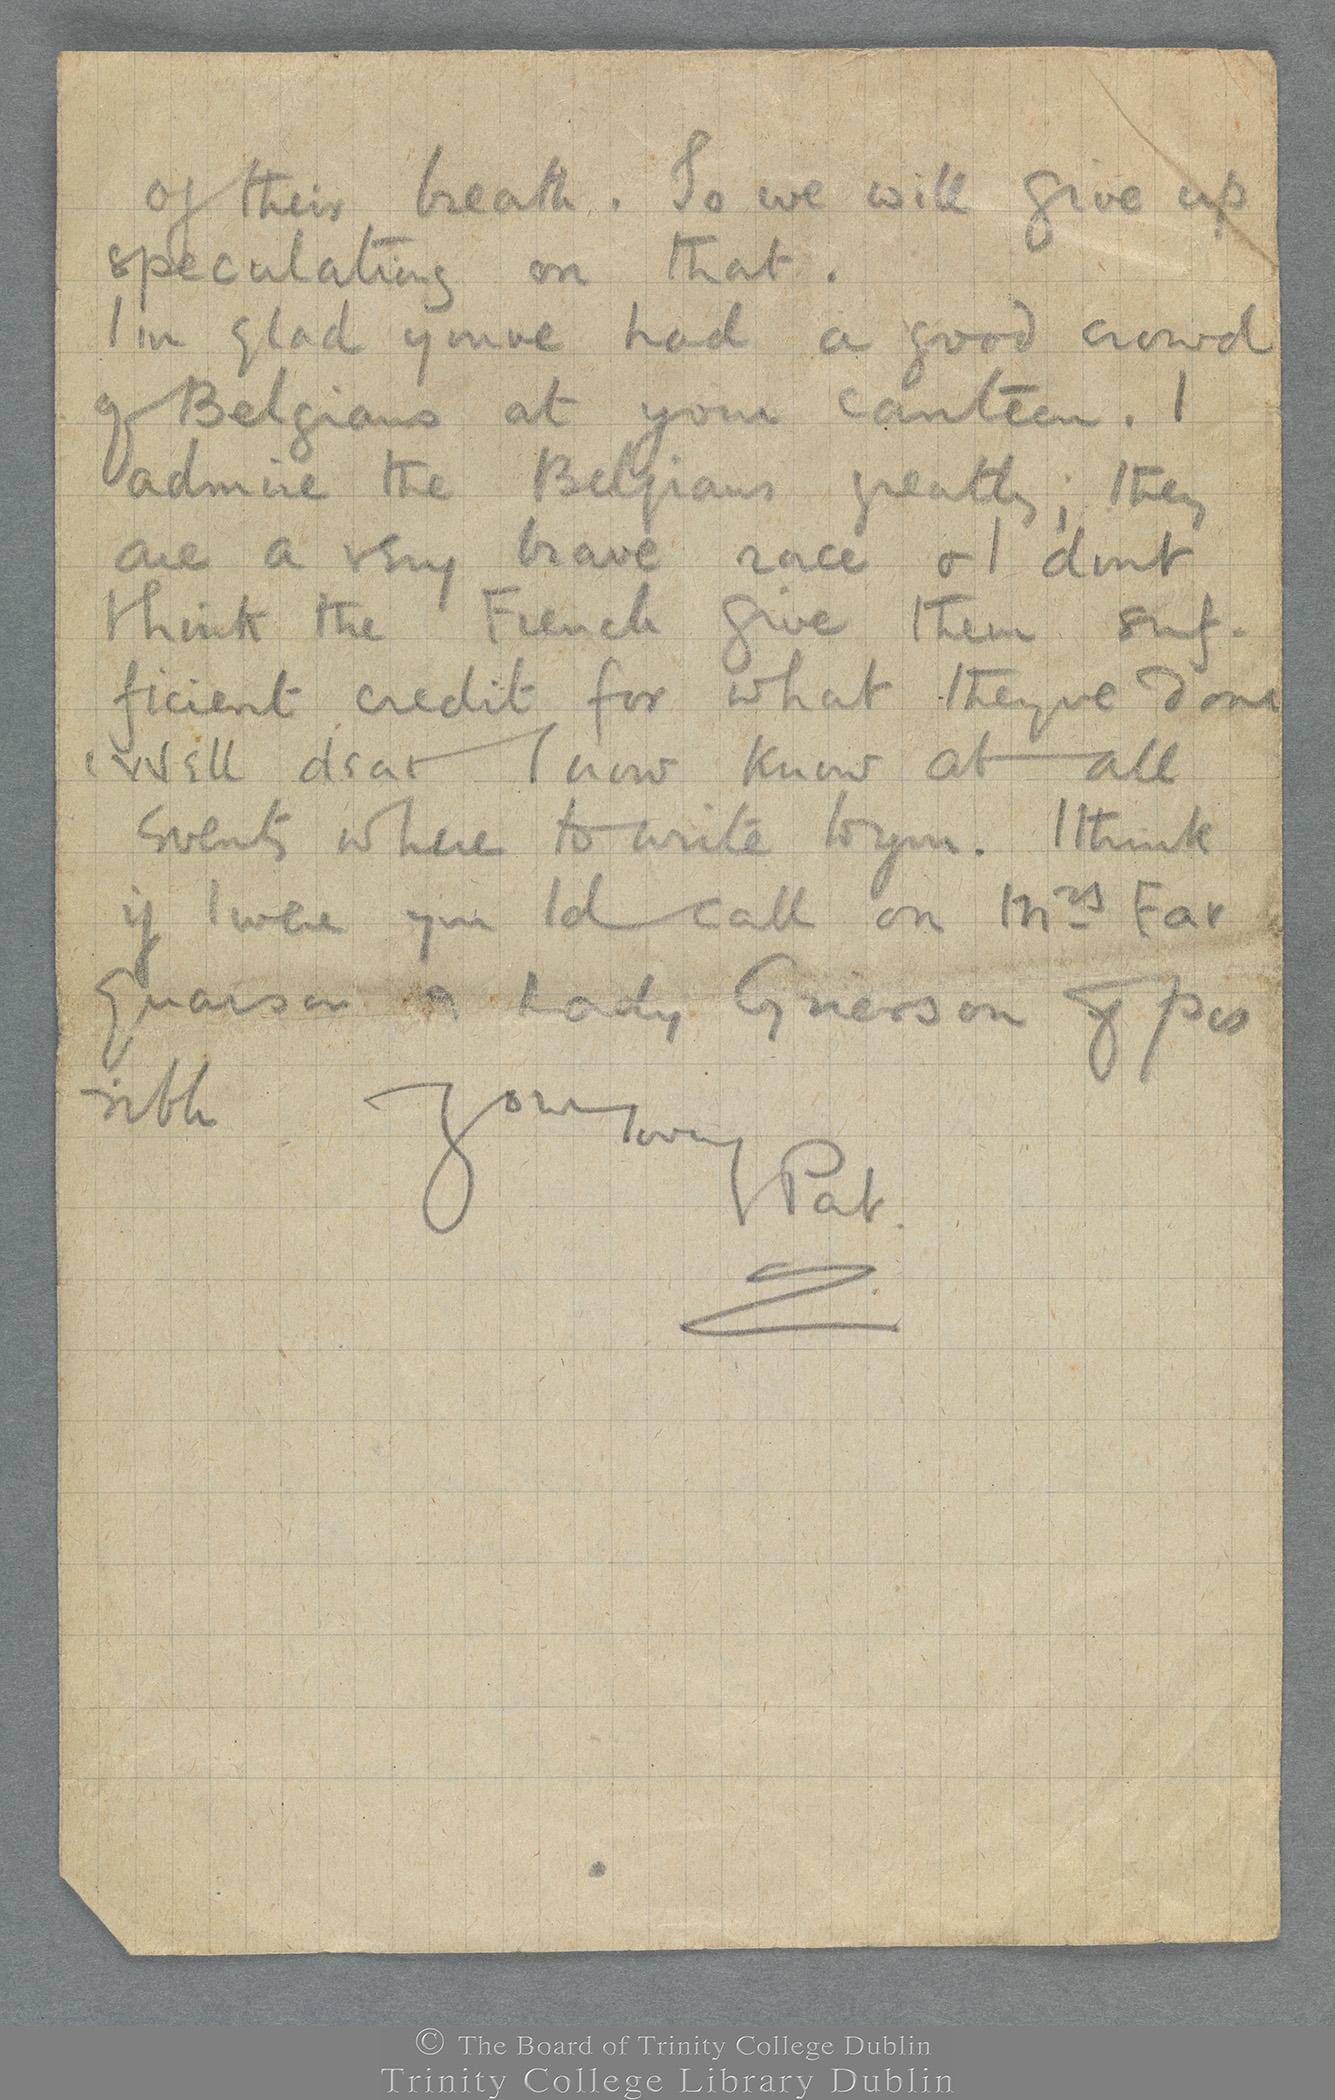 TCD MS 11274/18 folio 2 verso